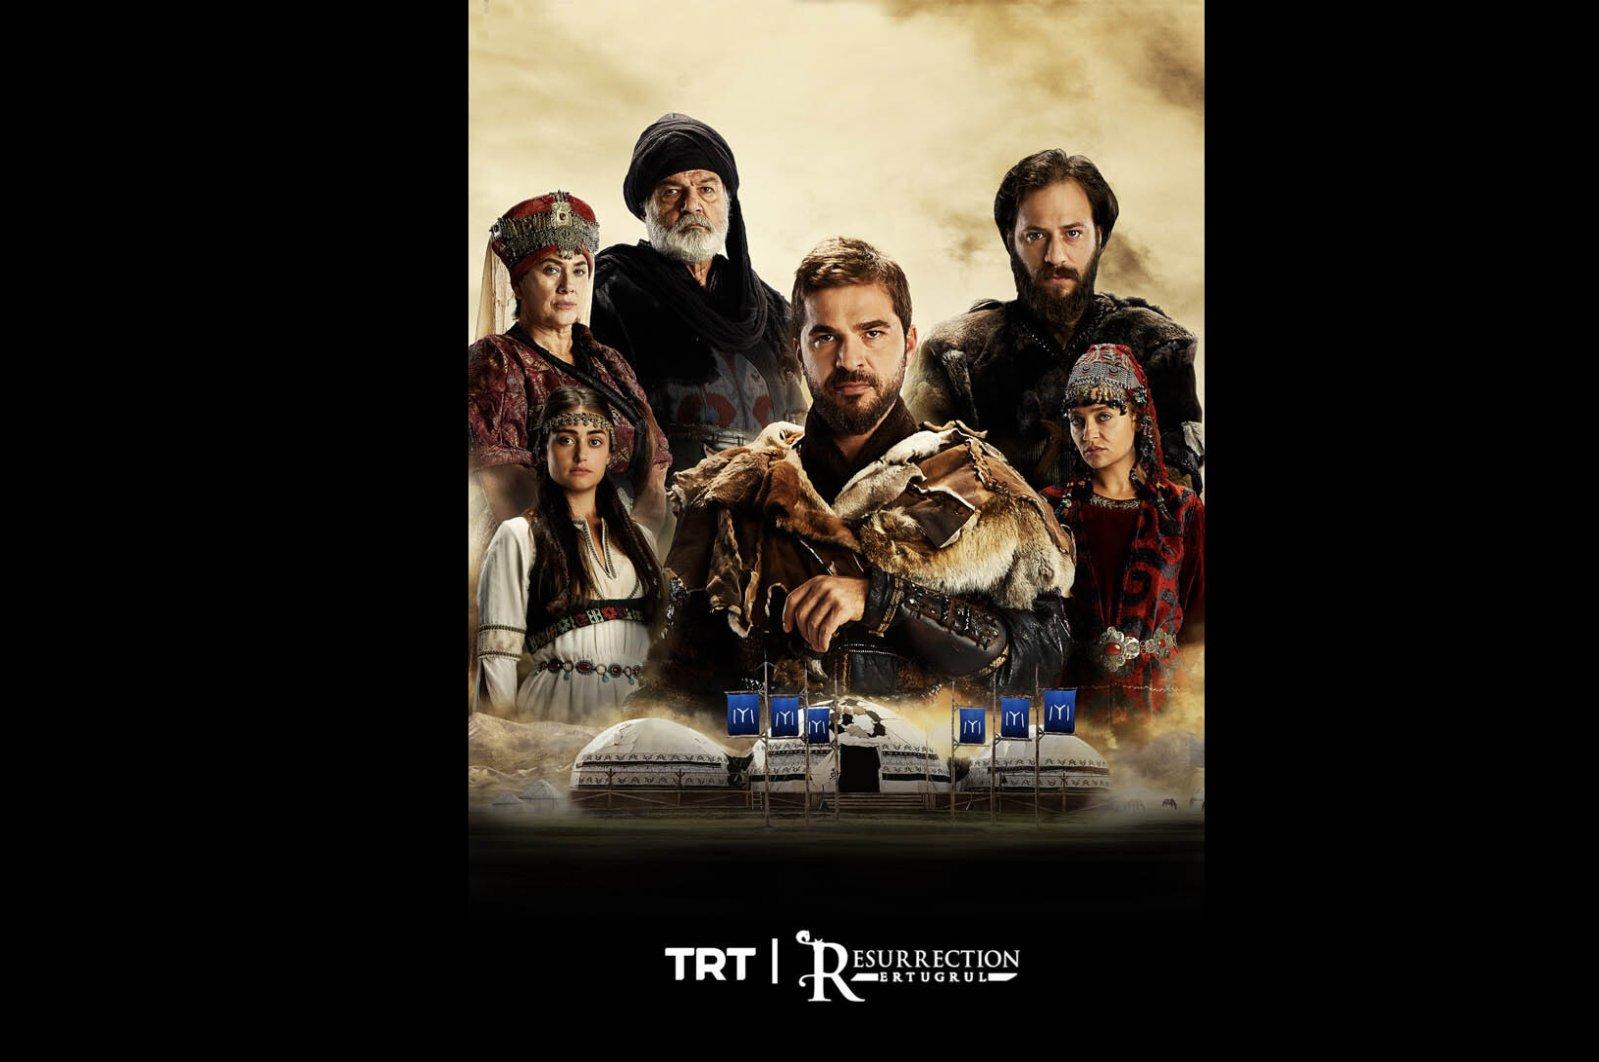 """""""Diriliş Ertuğrul"""" (""""Resurrection: Ertuğrul"""") is known as the Turkish """"Game of Thrones."""""""